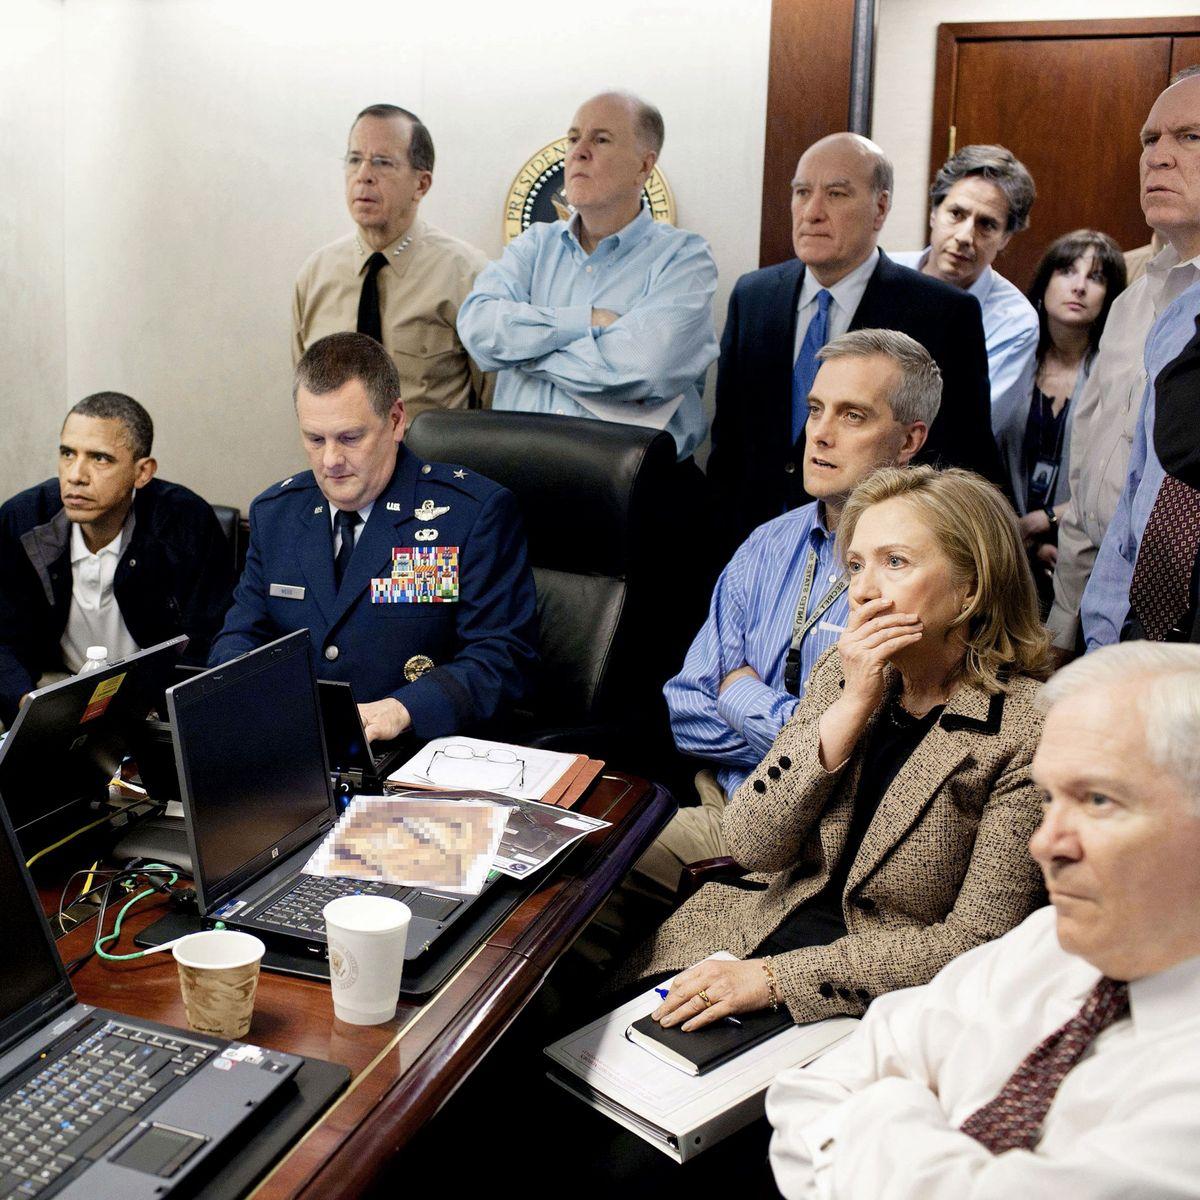 जिस समय लादेन के गोपनीय ठिकाने पर ऑपरेशन चल रहा था, तब अमेरिका के राष्ट्रपति बराक ओबामा, उस समय विदेश मंत्री हिलेरी क्लिंटन ने अन्य अफसरों के साथ उसका सीधा प्रसारण कुछ इस तरह देखा। यह फोटो ऑपरेशन के कुछ दिन बाद जारी हुई थी।